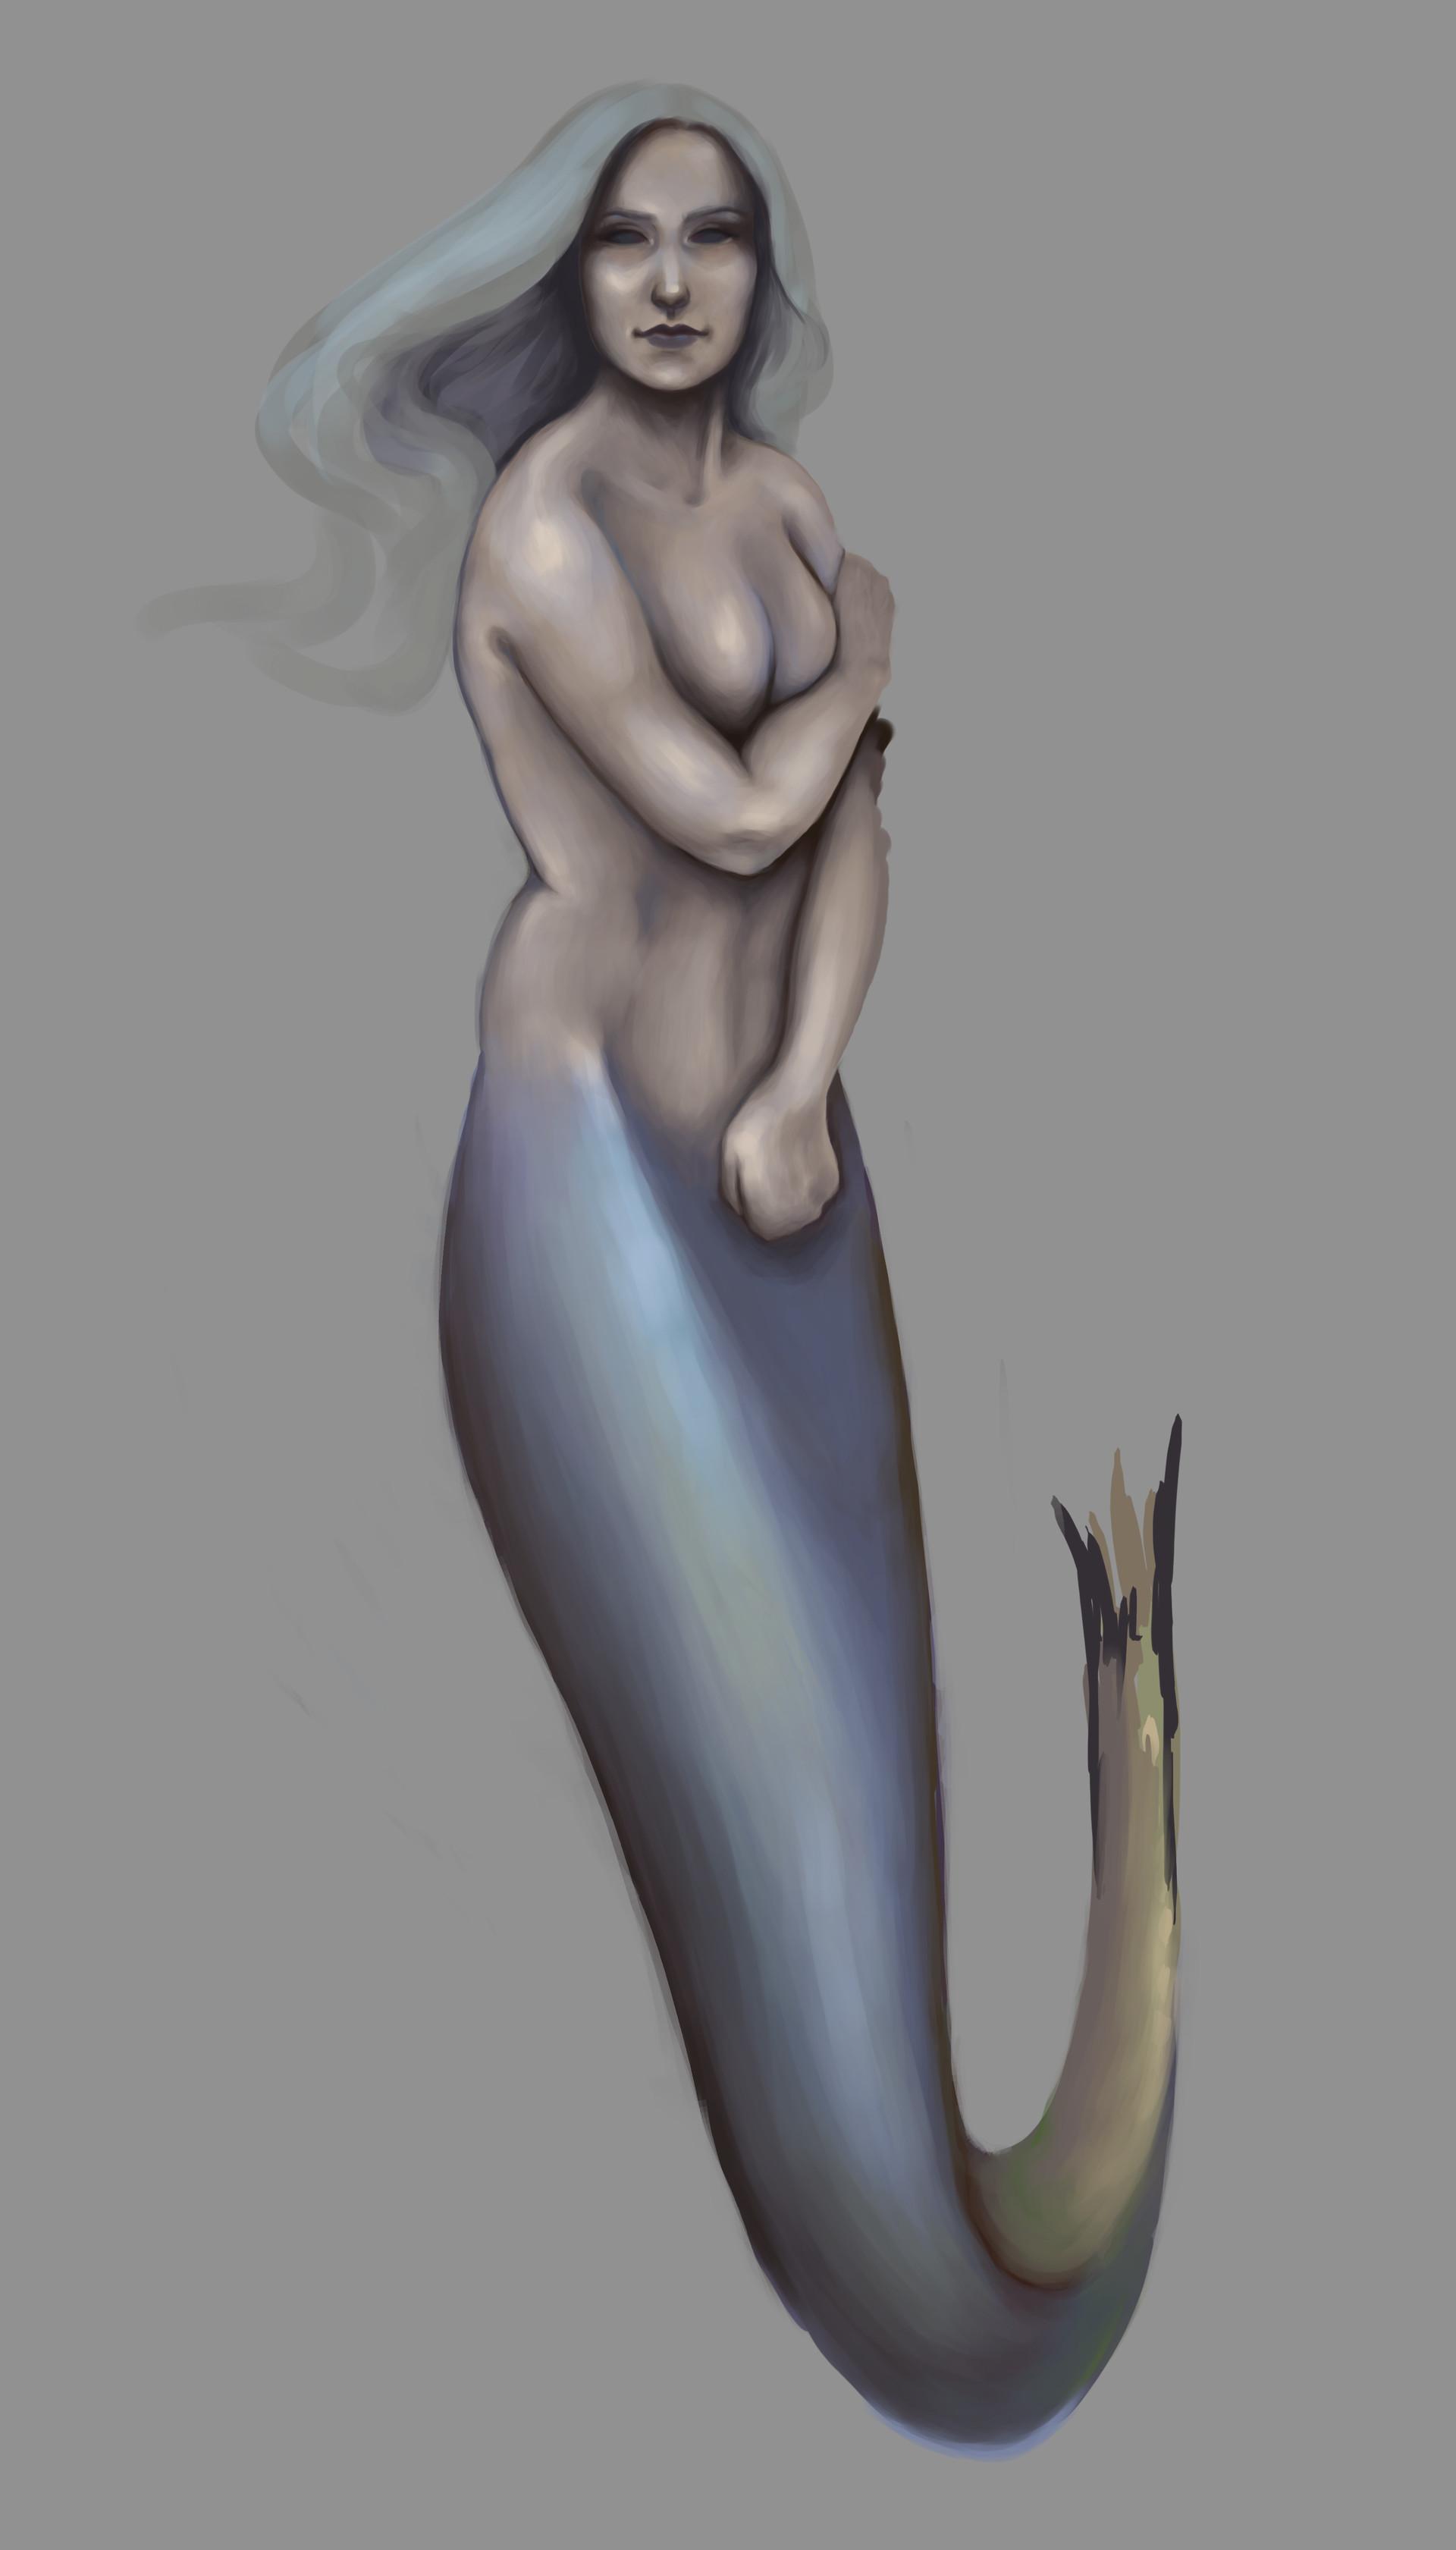 Teodora dimova 5